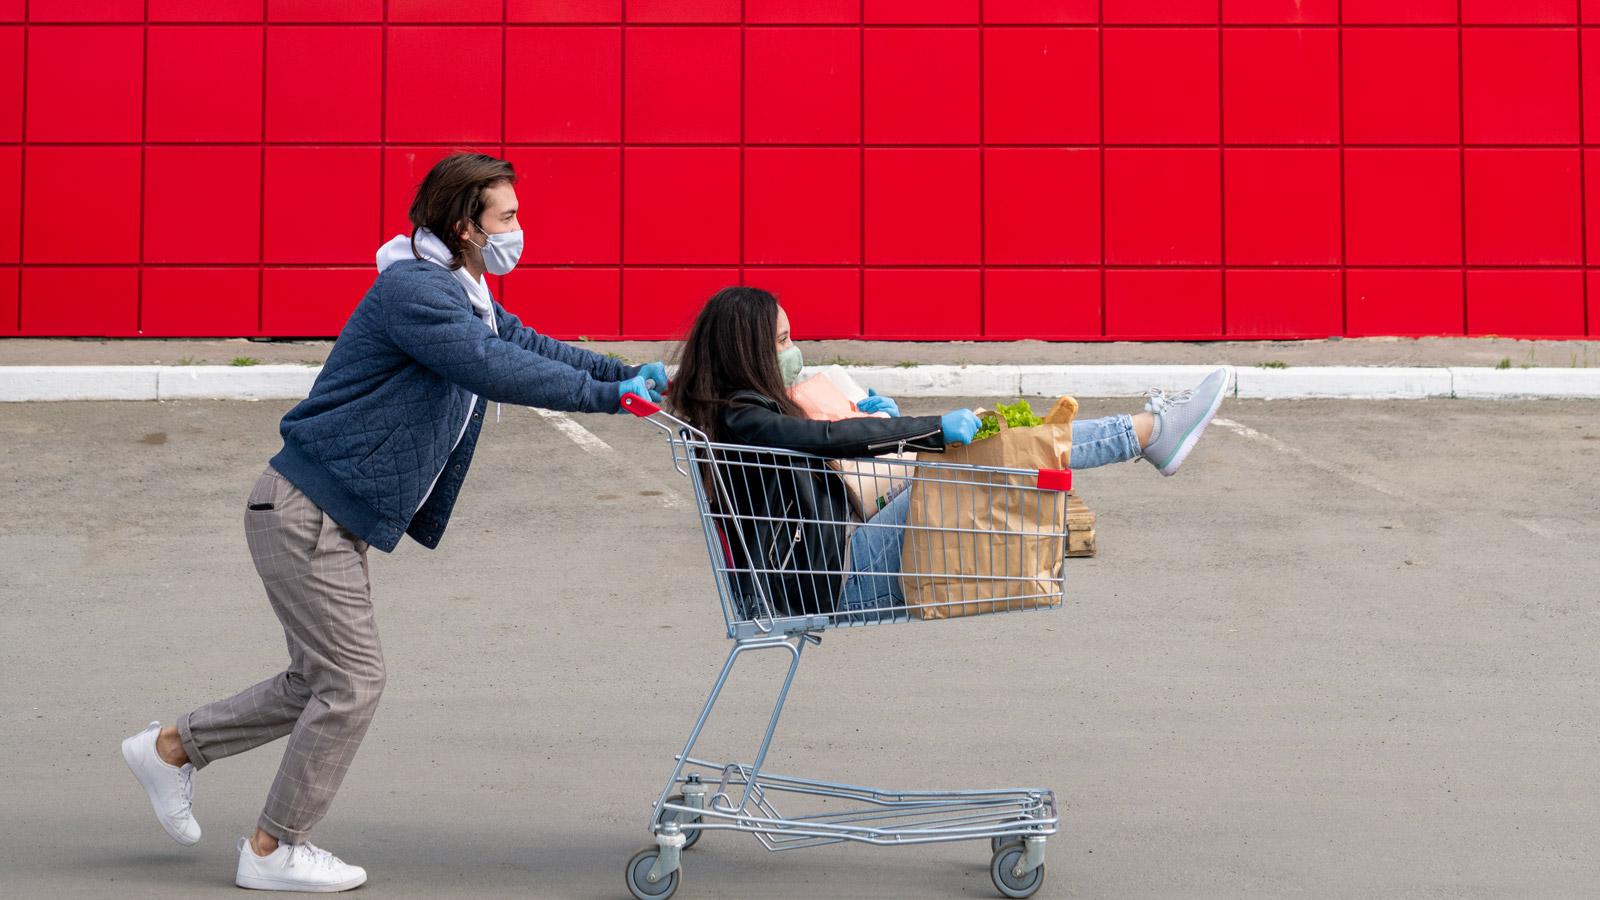 Ponad 60% Polaków kupuje świadomie i racjonalnie [BADANIE] Polacy mediarun zakupy maski koszyk digital ecommerce 2020